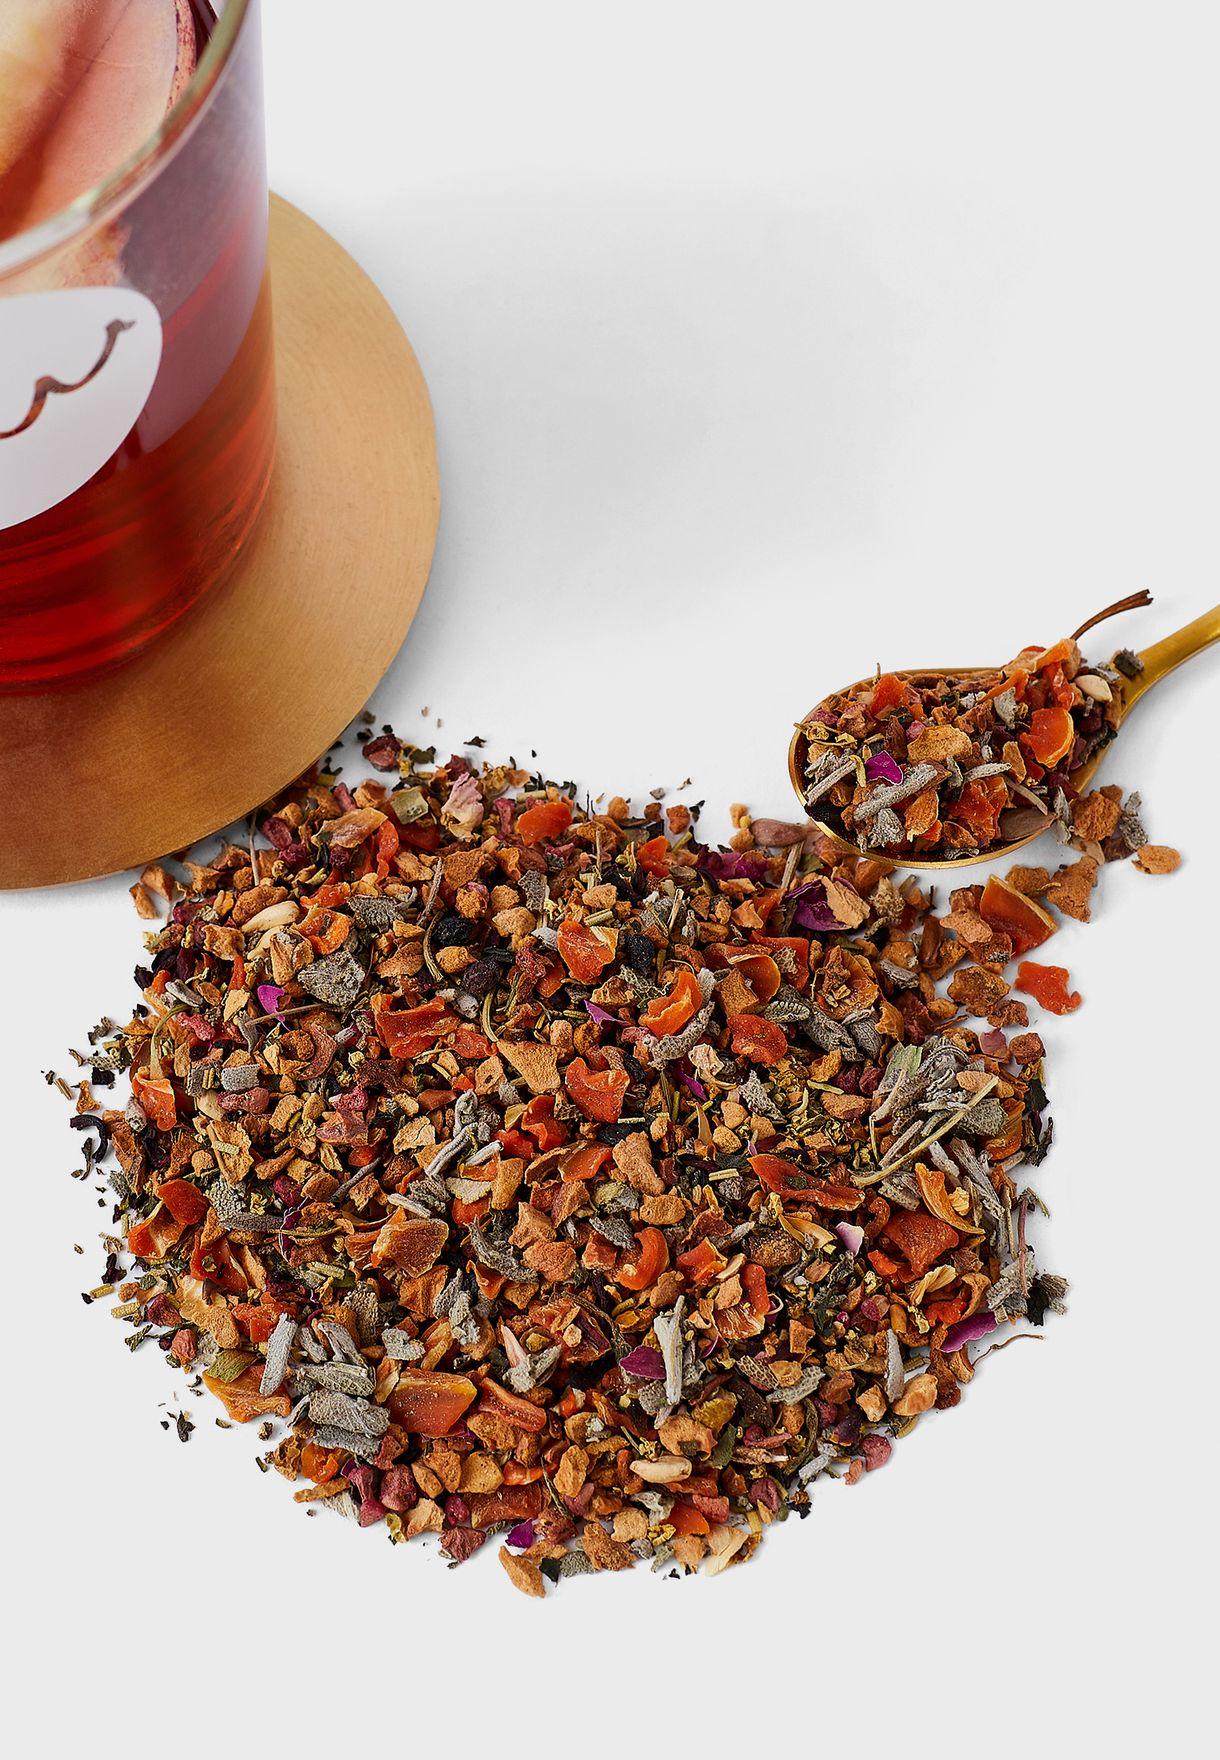 شاي اعشاب - اورجانيك جلو